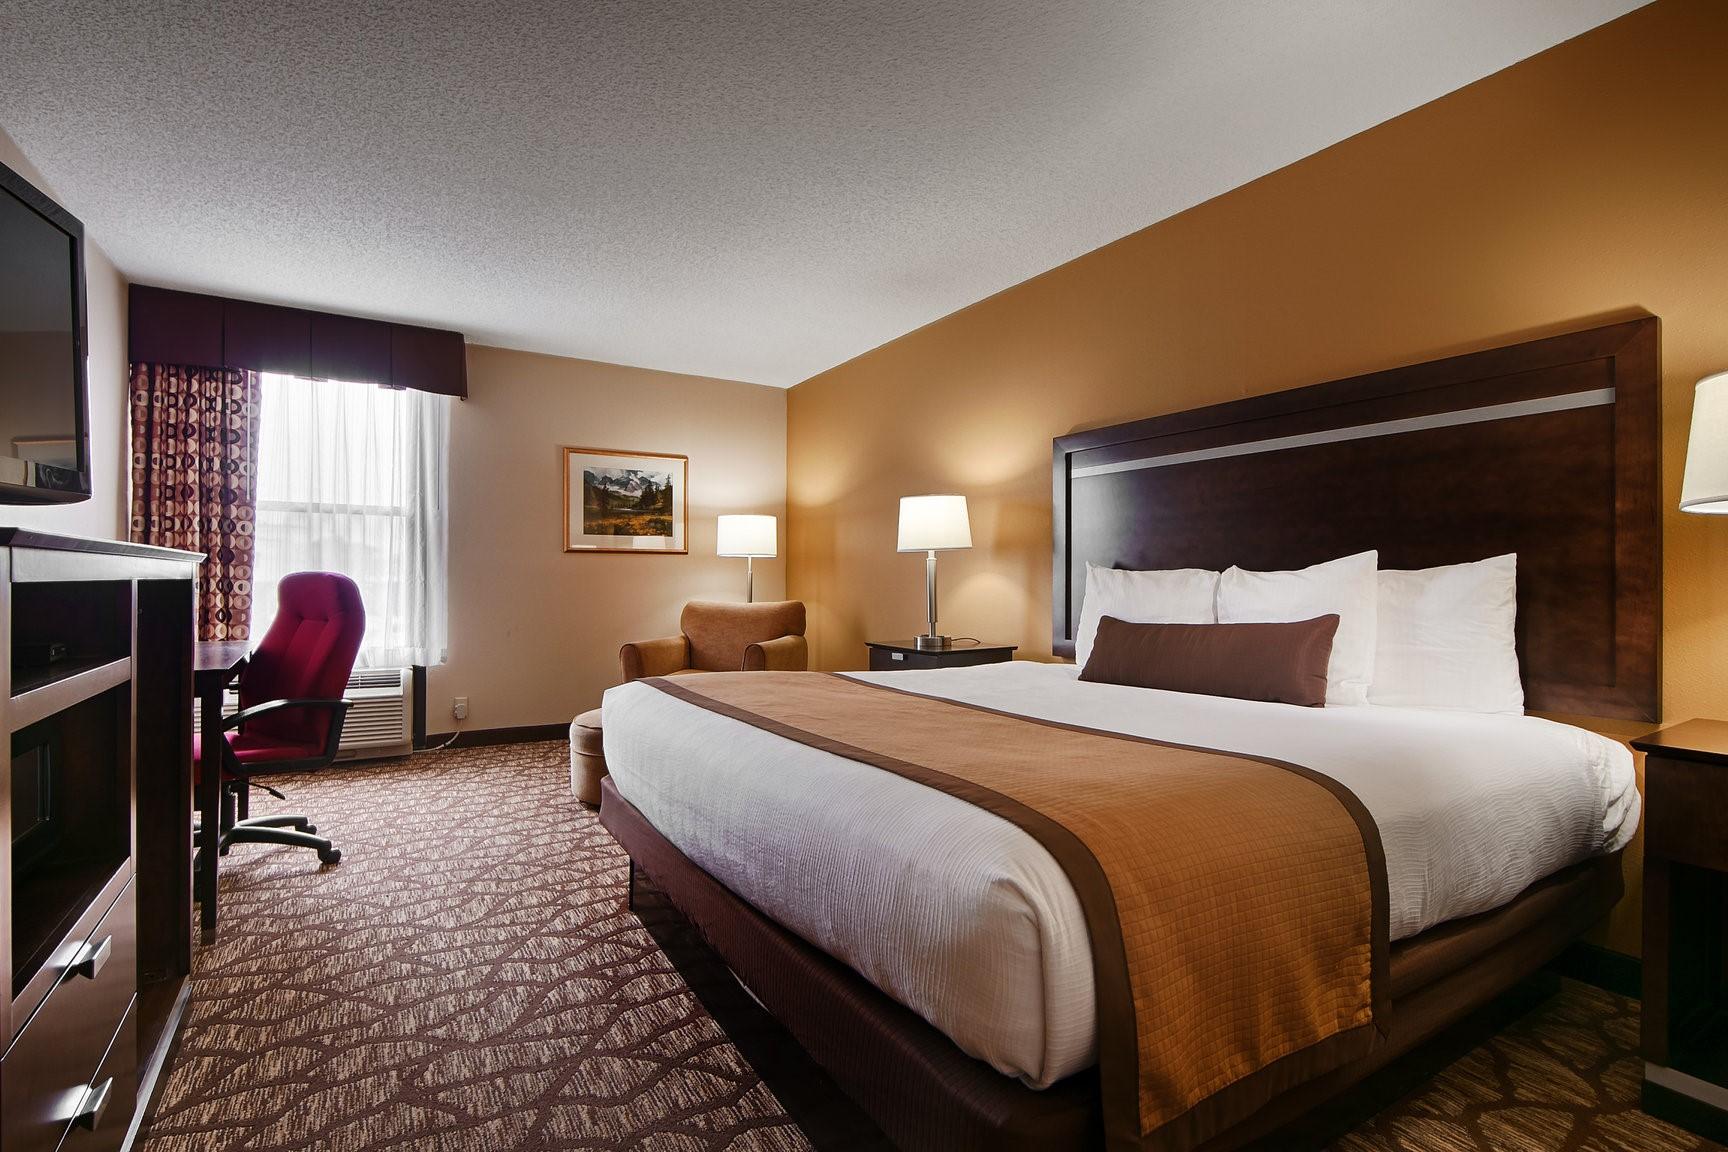 Best Western Plus Belle Meade Inn & Suites 4*